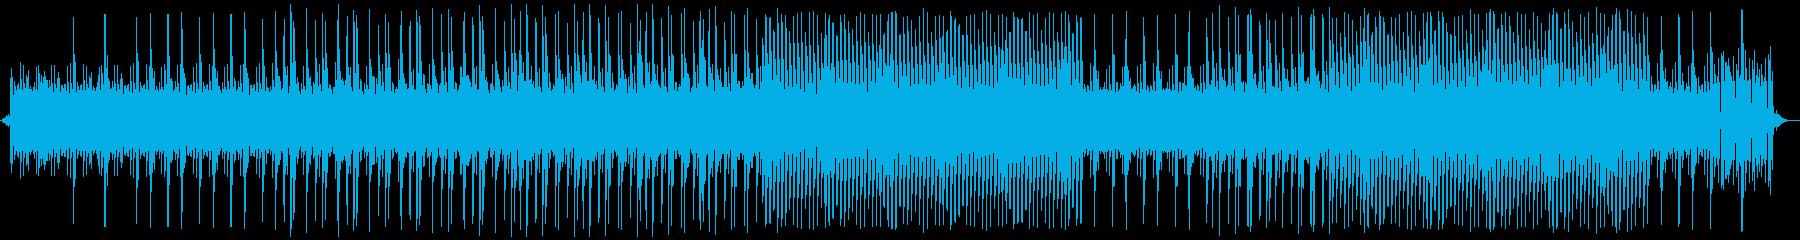 デジタル-AI-IT-映画メニュー画面の再生済みの波形